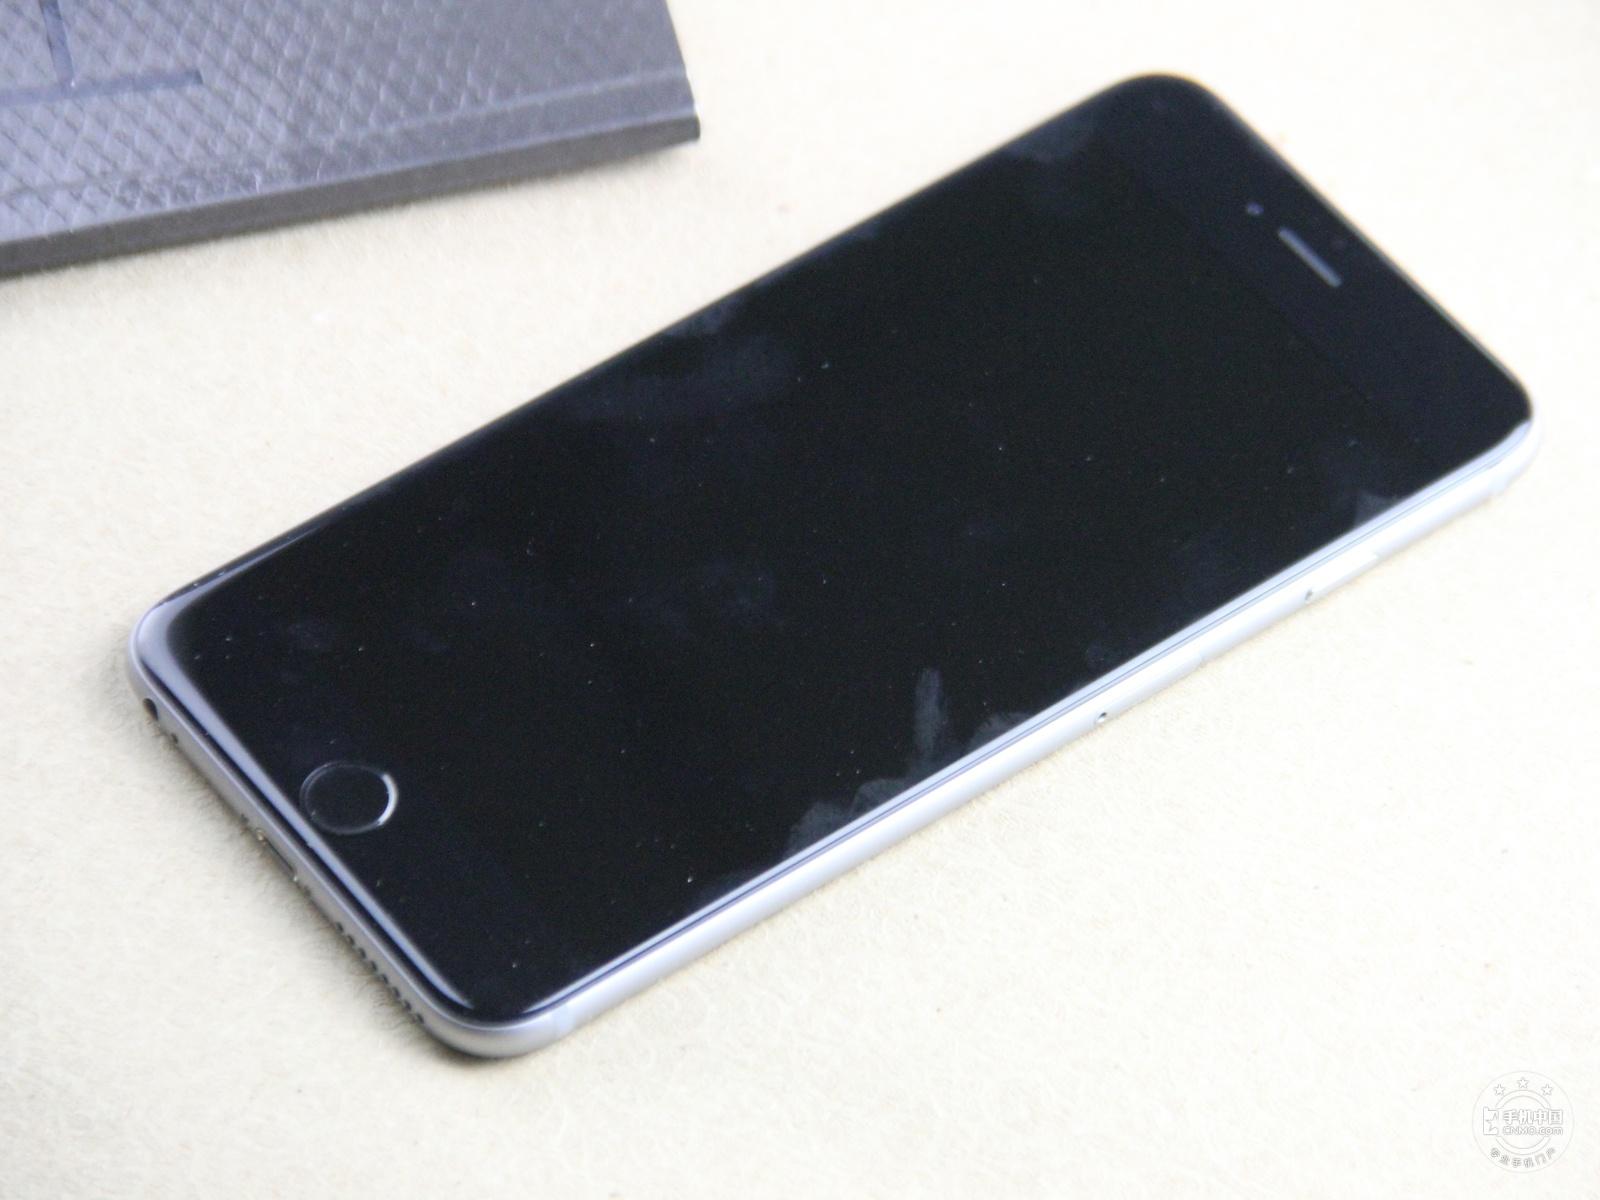 苹果iPhone6Plus(128GB)整体外观第8张